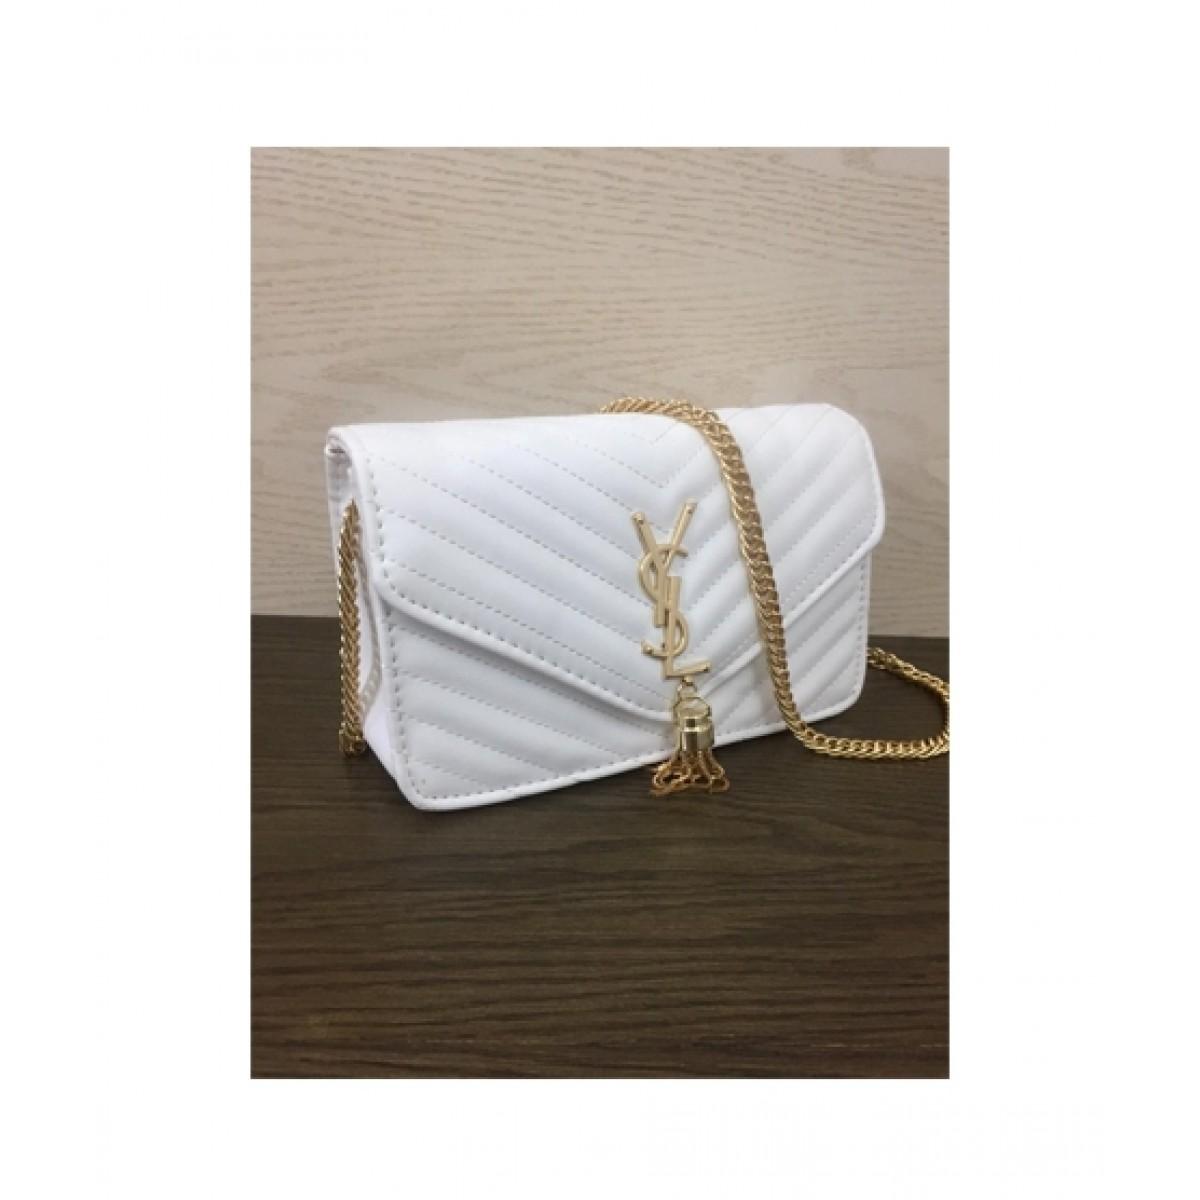 HM Cross Body Bag For Women White (0016)